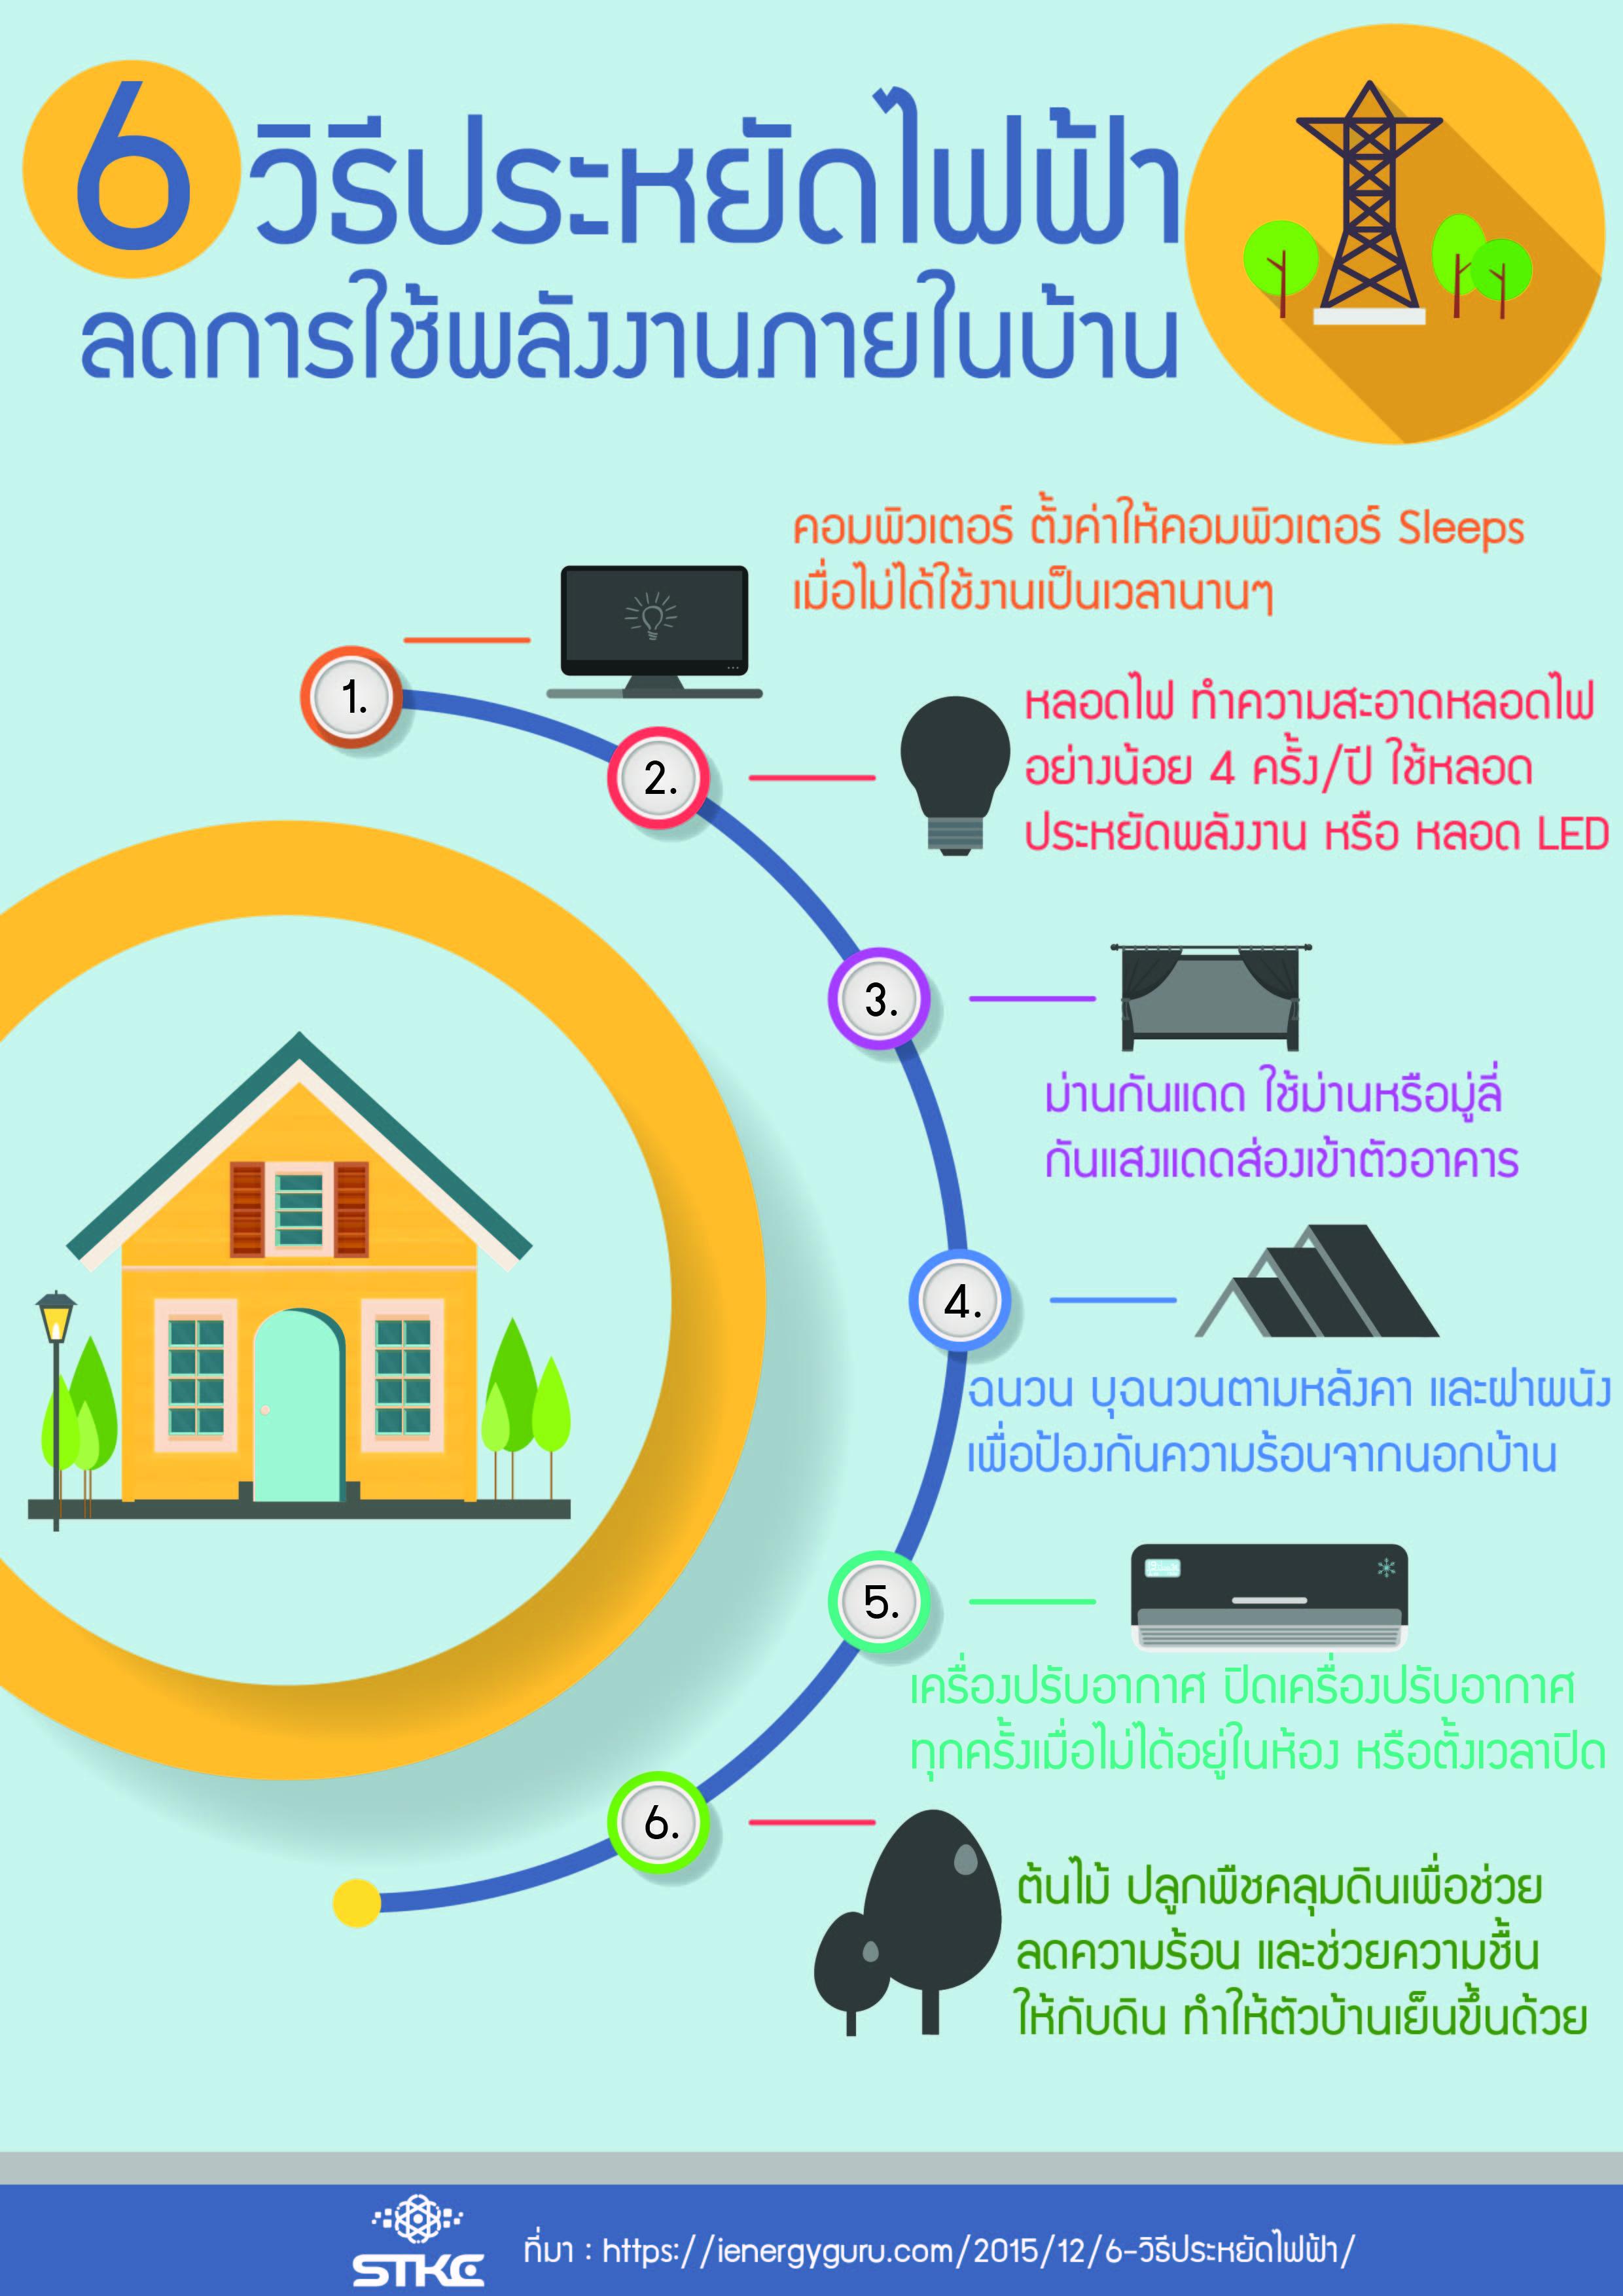 6 วิธีประหยัดไฟฟ้า ลดการใช้พลังงานภายในบ้าน